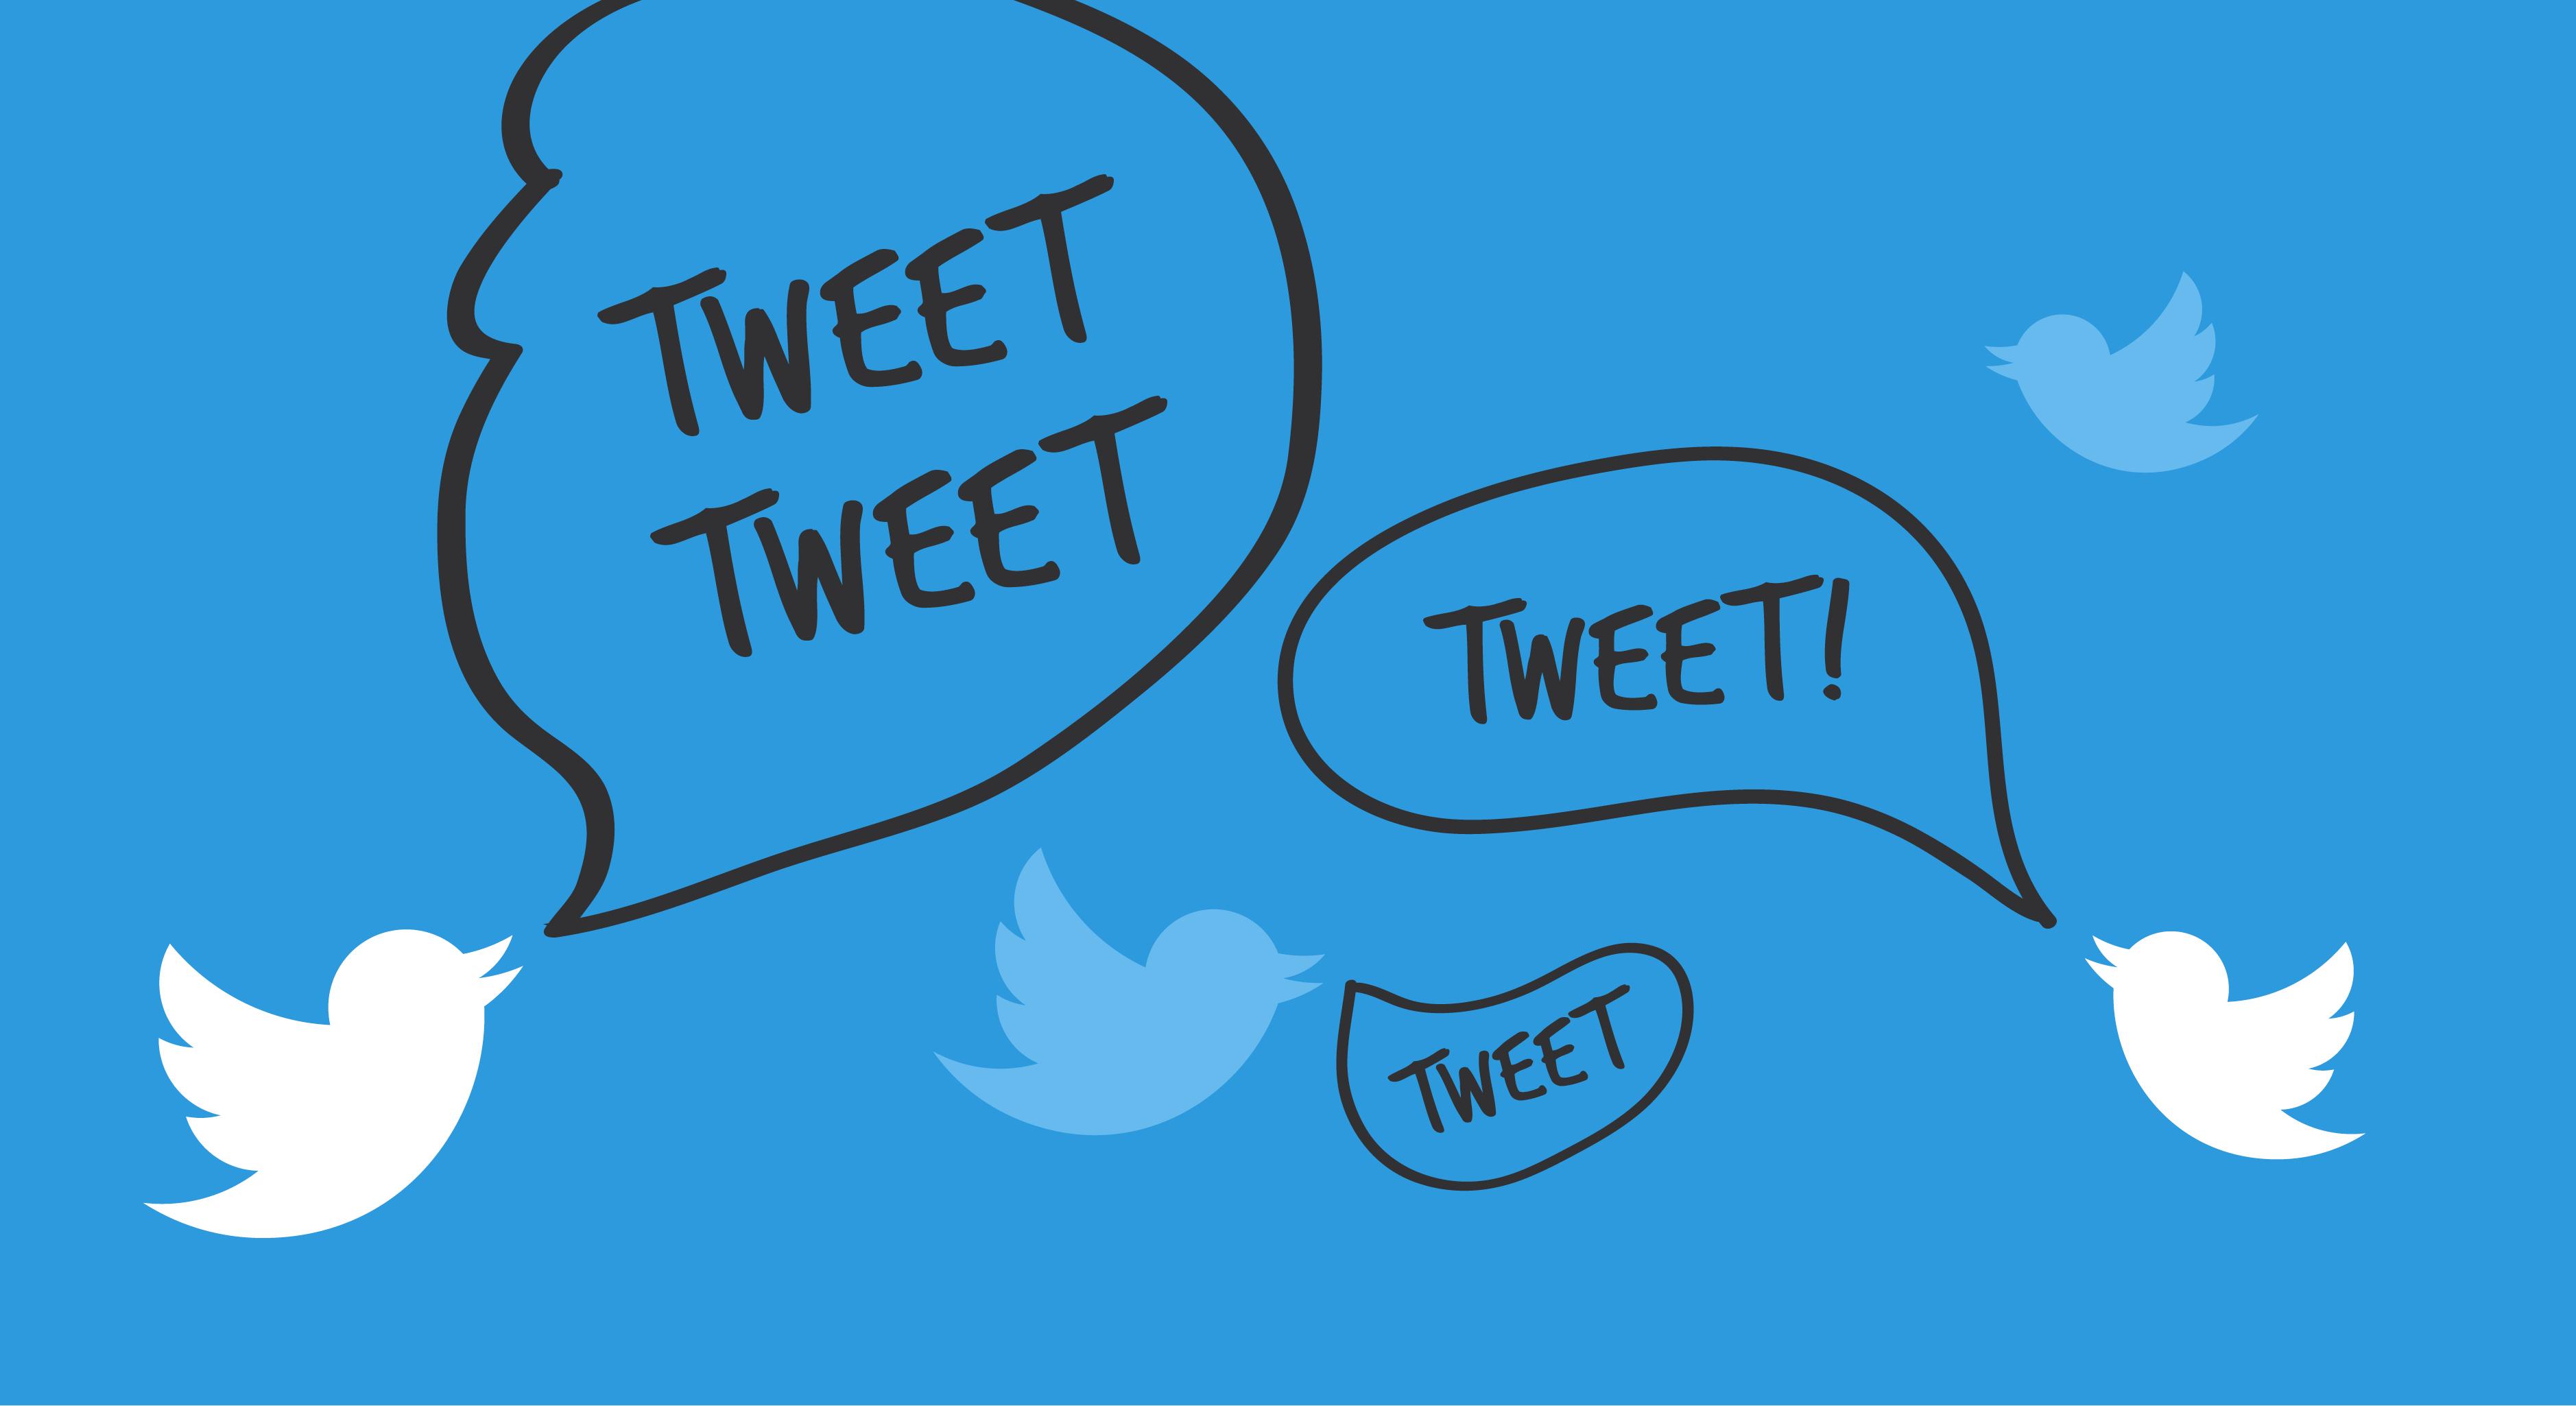 Twitter en problemas: ¿podrá renacer o comenzó su agonía?